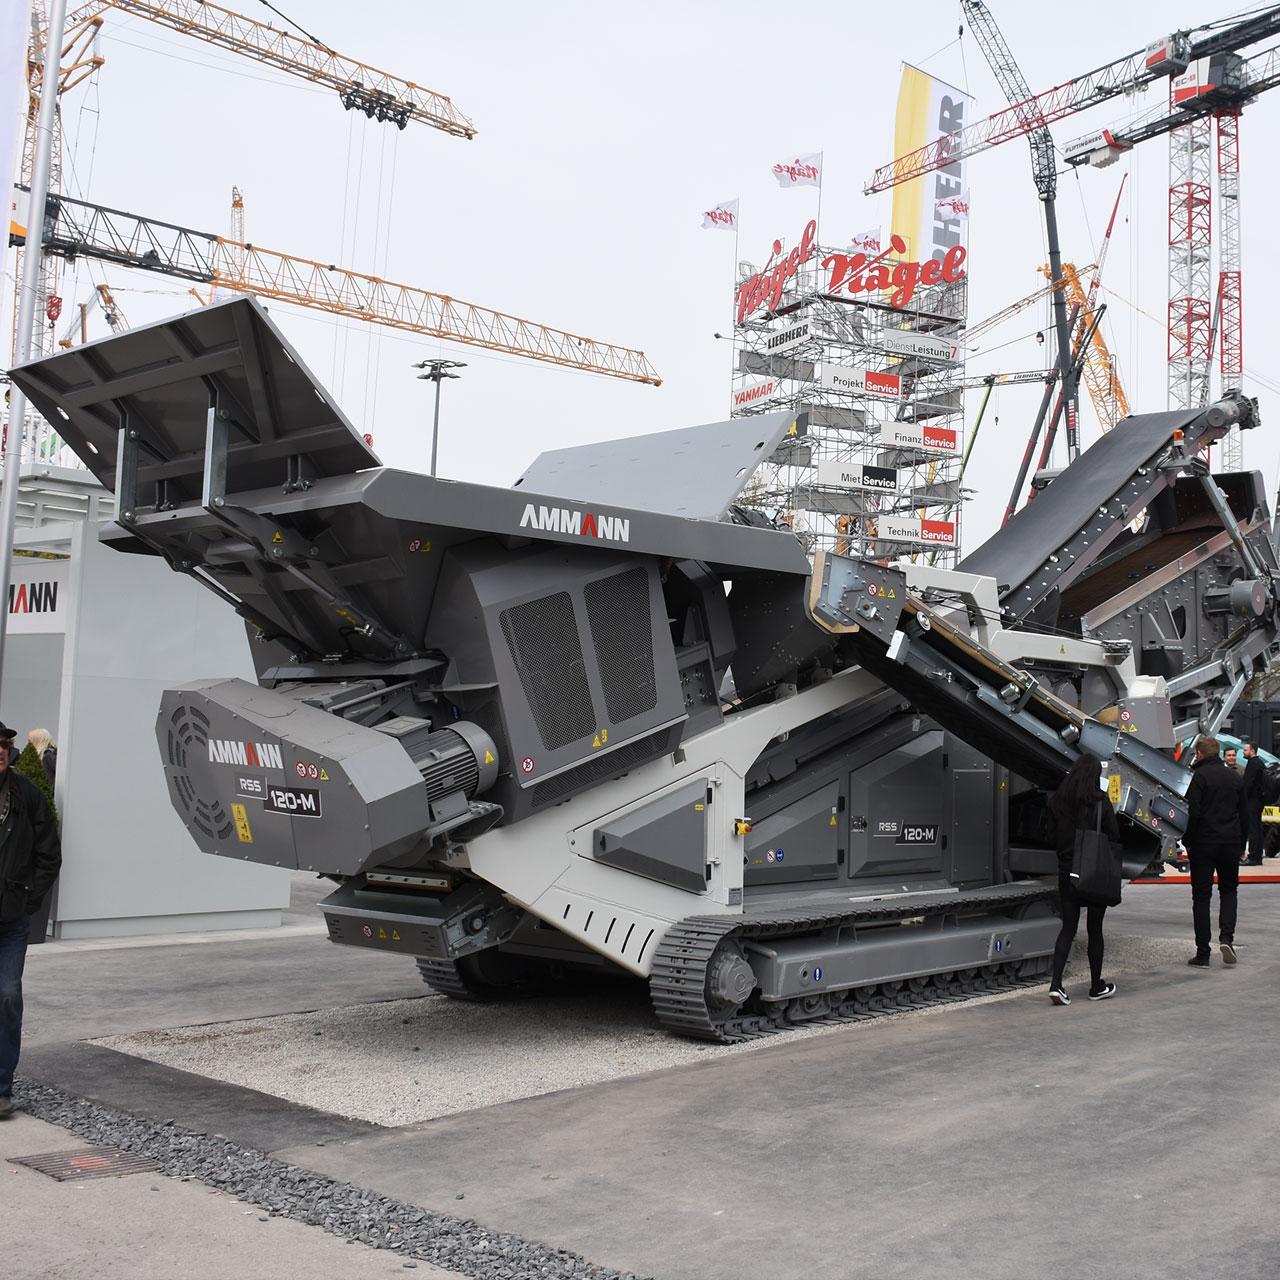 AMMANN: Asphaltaufbereitung RSS-120M